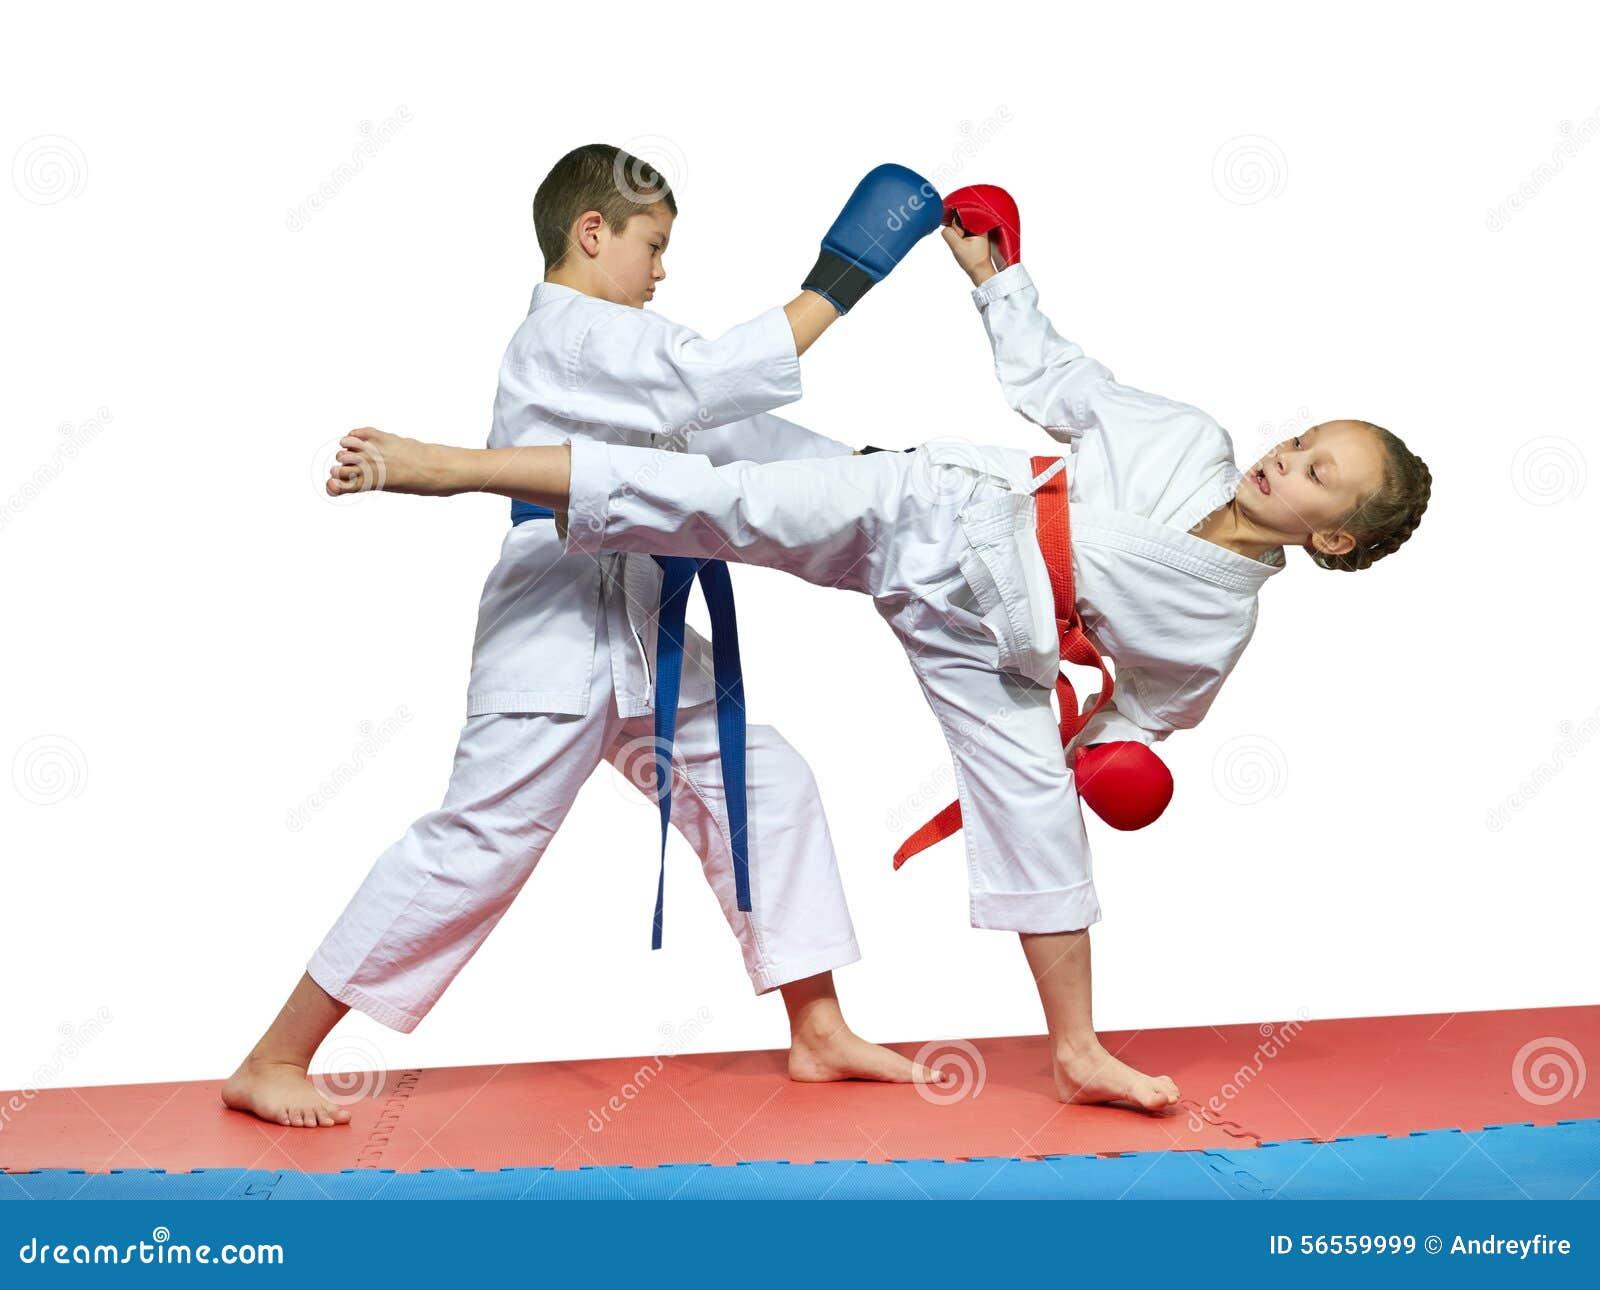 Download Το αγόρι και το κορίτσι στο Karategi εκπαιδεύουν τις ταξινομημένες κατά ζεύγος ασκήσεις KarateBoy και το κορίτσι στο Karategi εκπ Στοκ Εικόνα - εικόνα από ύφος, κόκκινος: 56559999